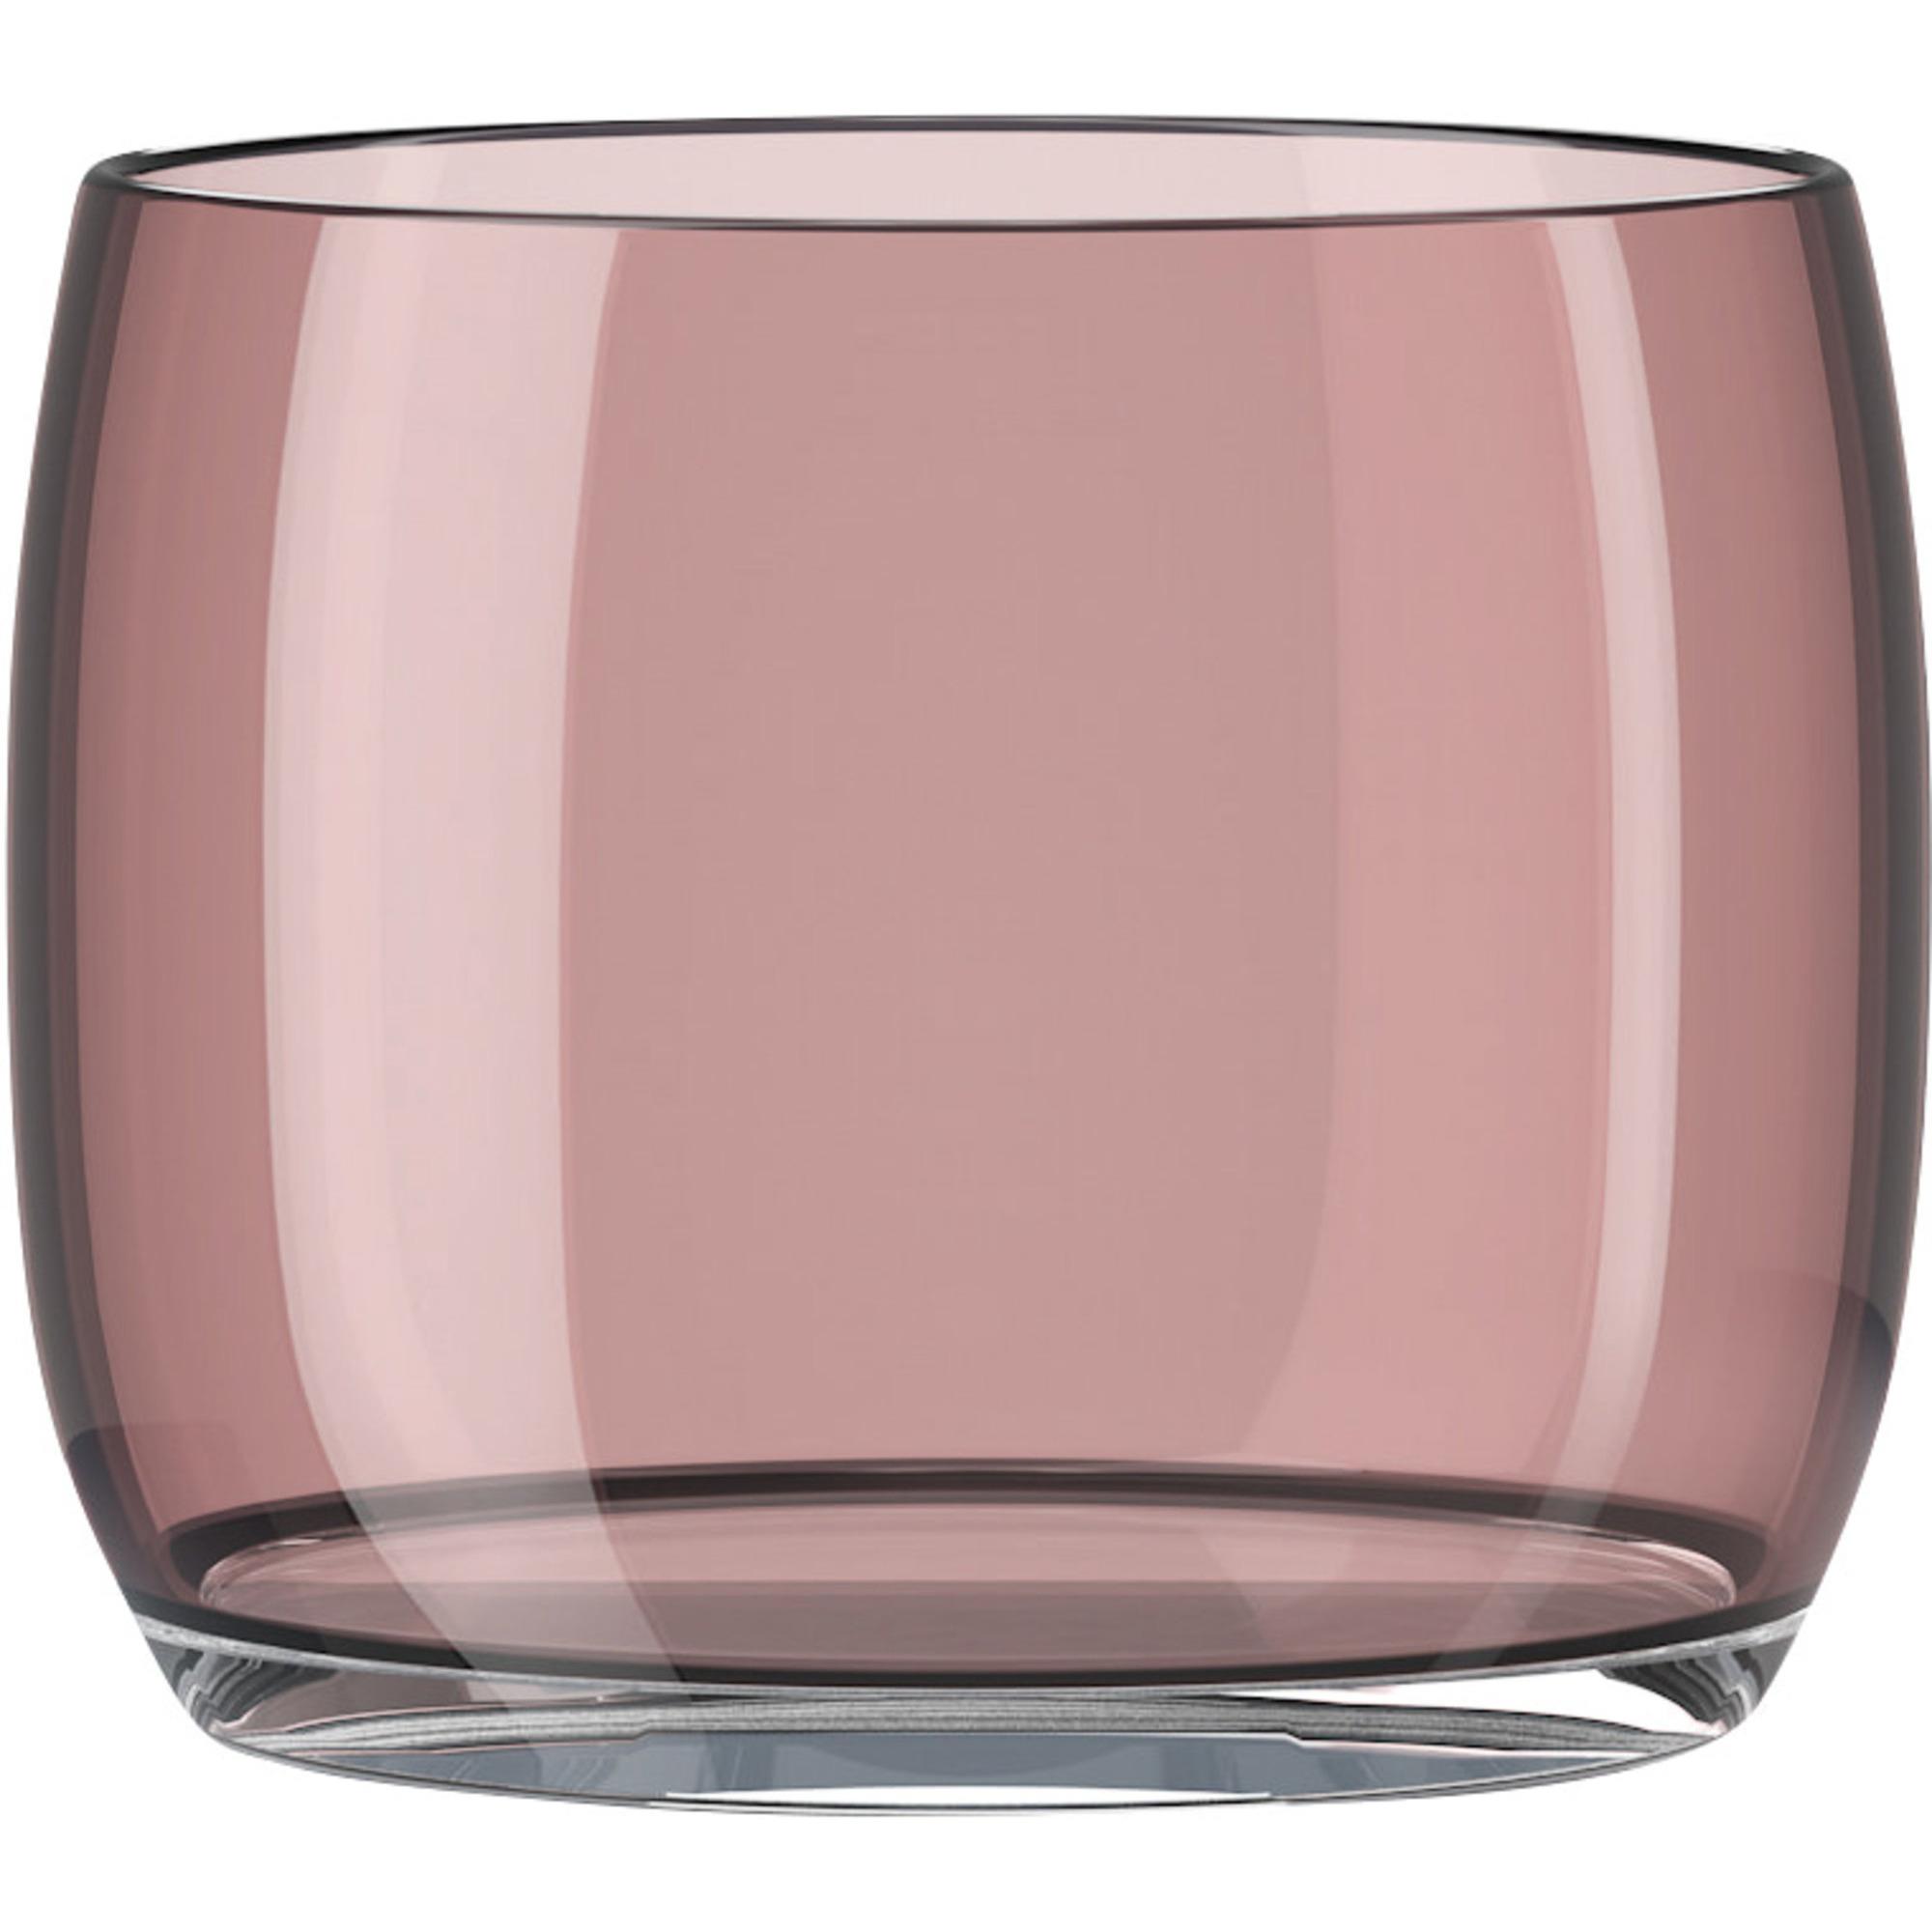 Lyngby Porcelæn 2 st. AB/C glas, burgundy